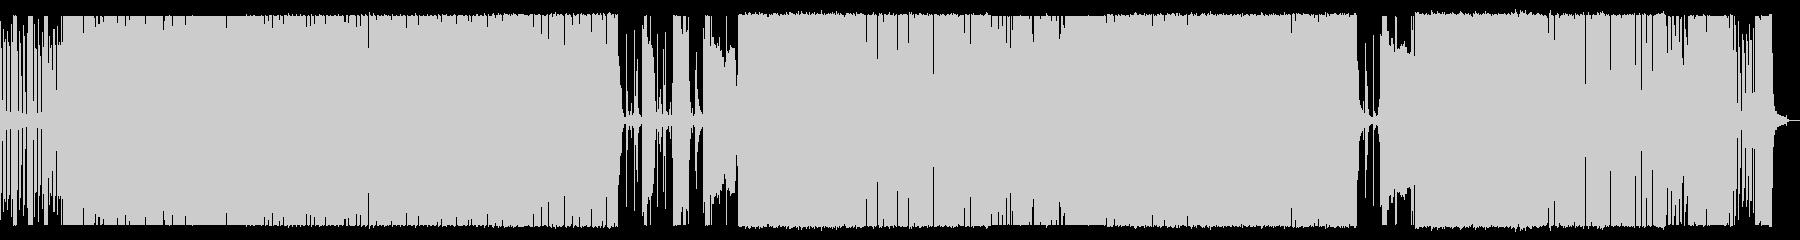 重厚 アクション 技術的な エレキギターの未再生の波形